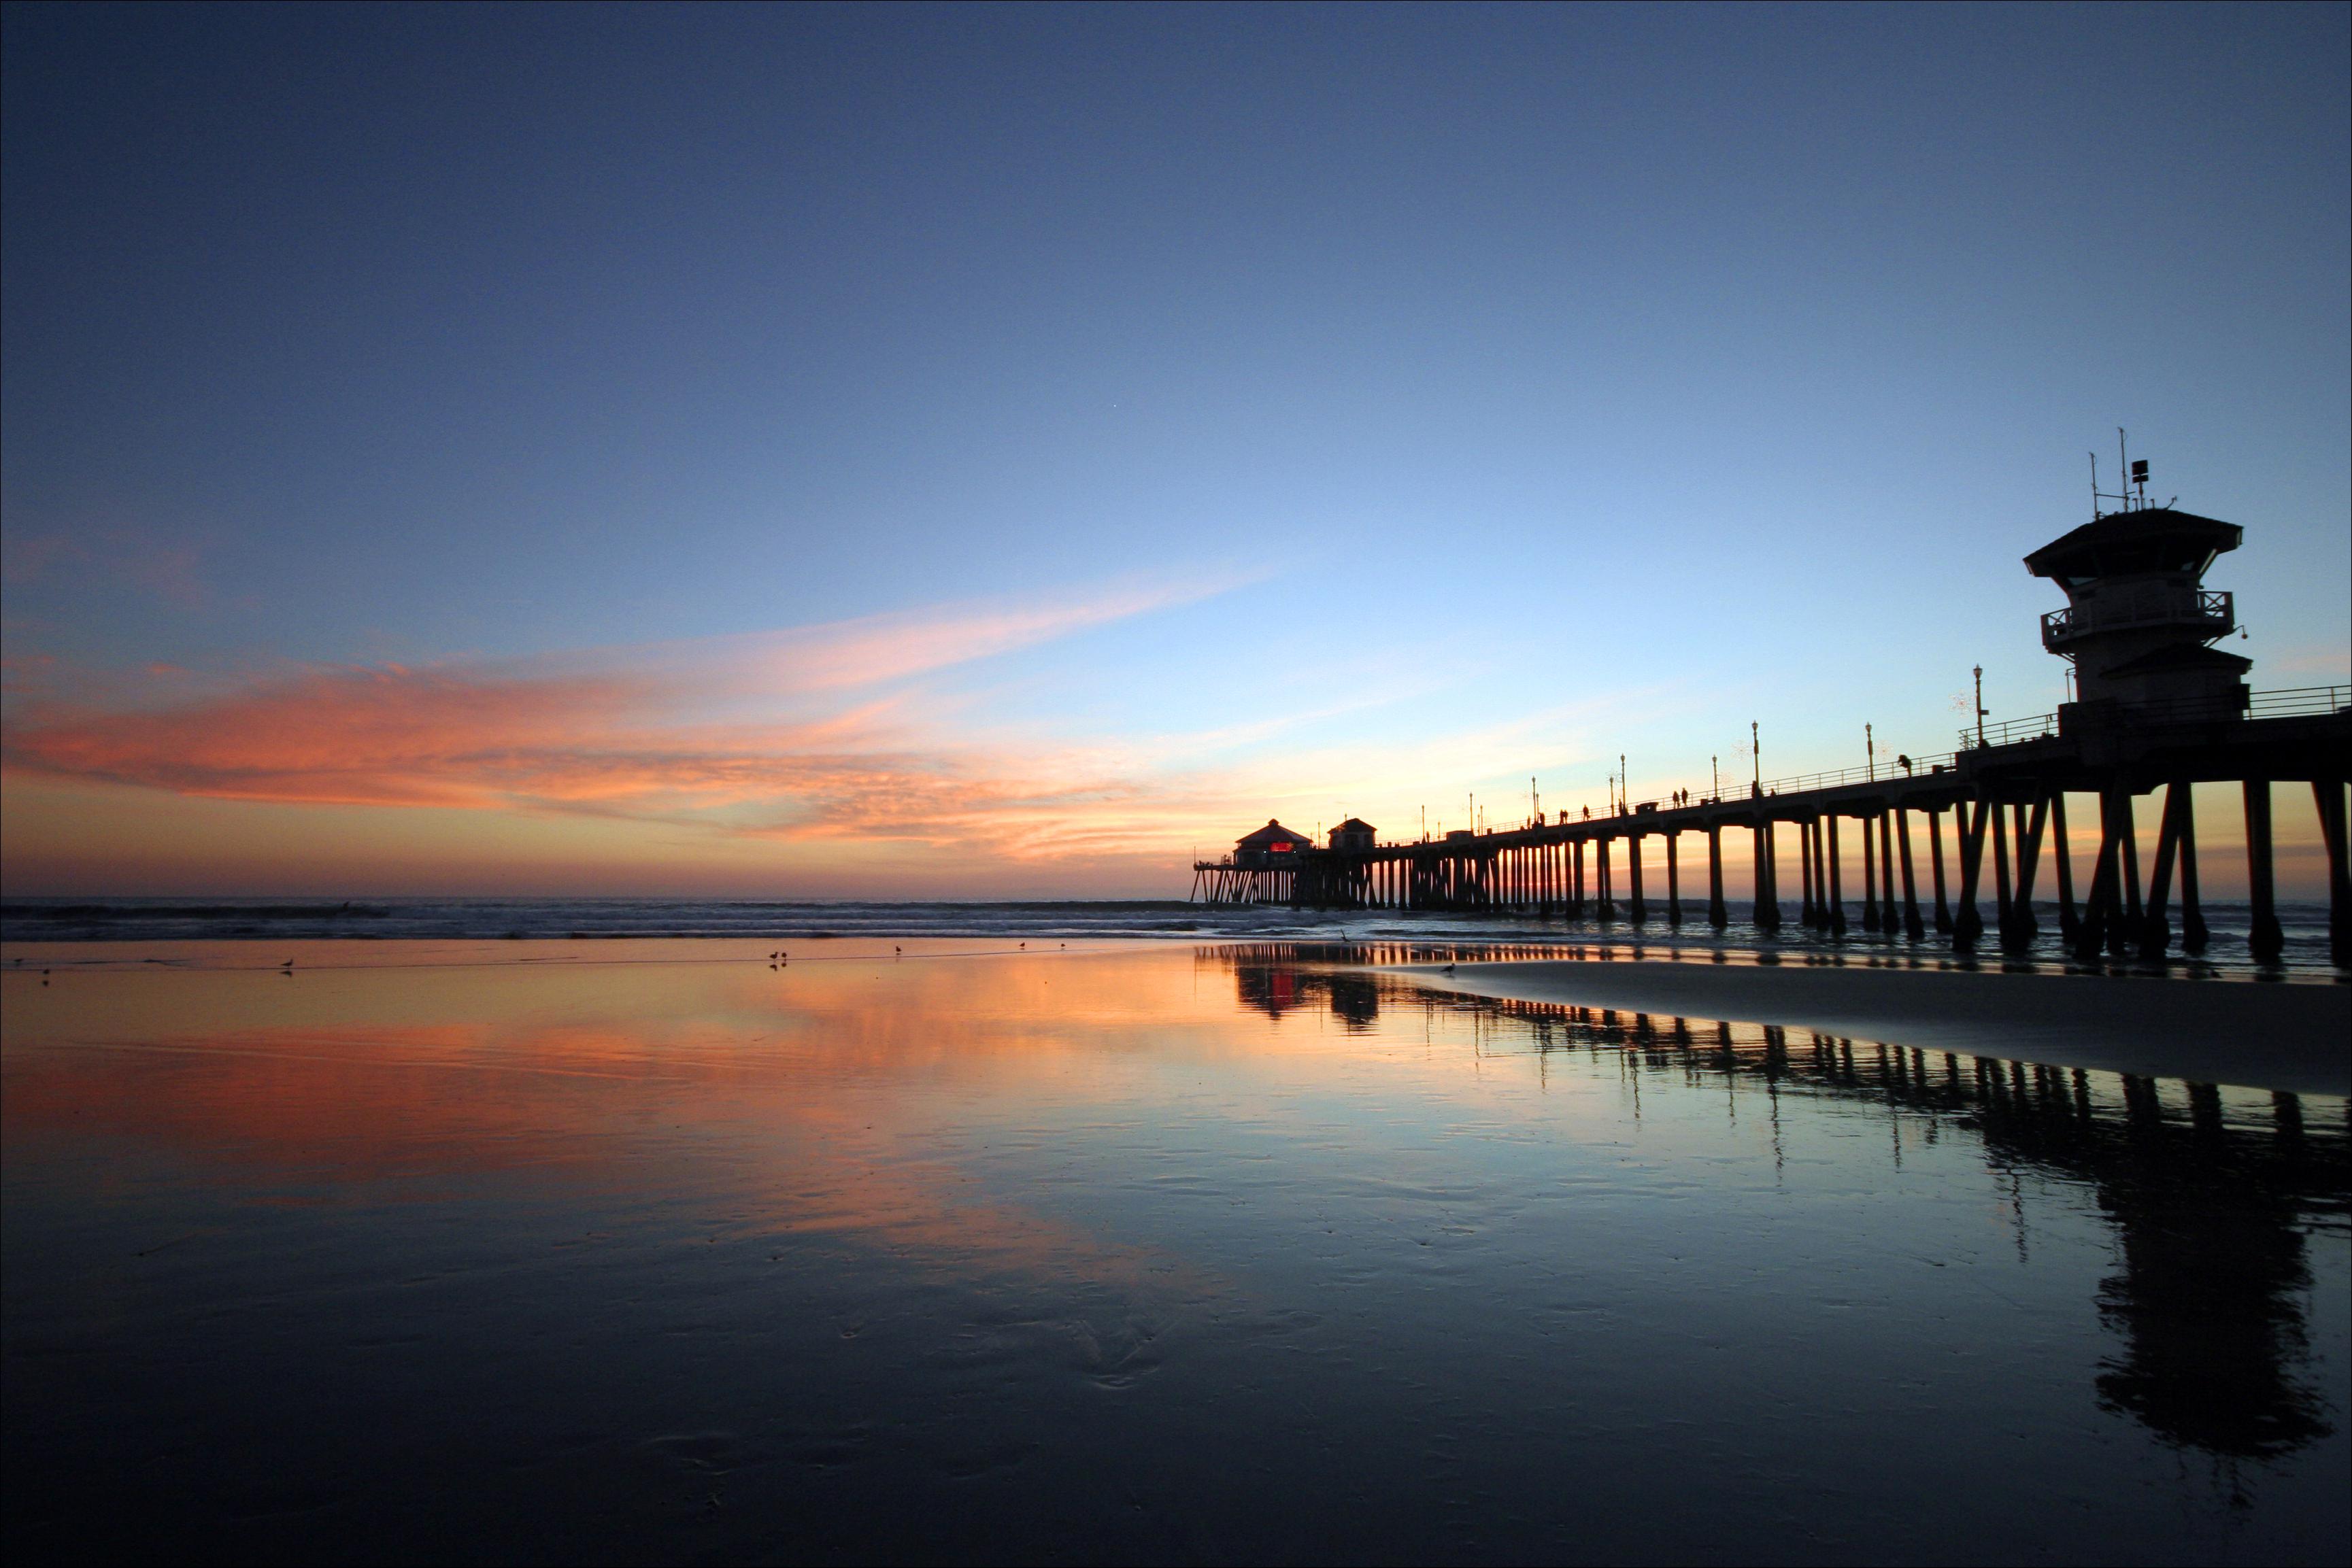 Hb Pier At Dusk By Scott Otta on Naples Florida Pier Sunset